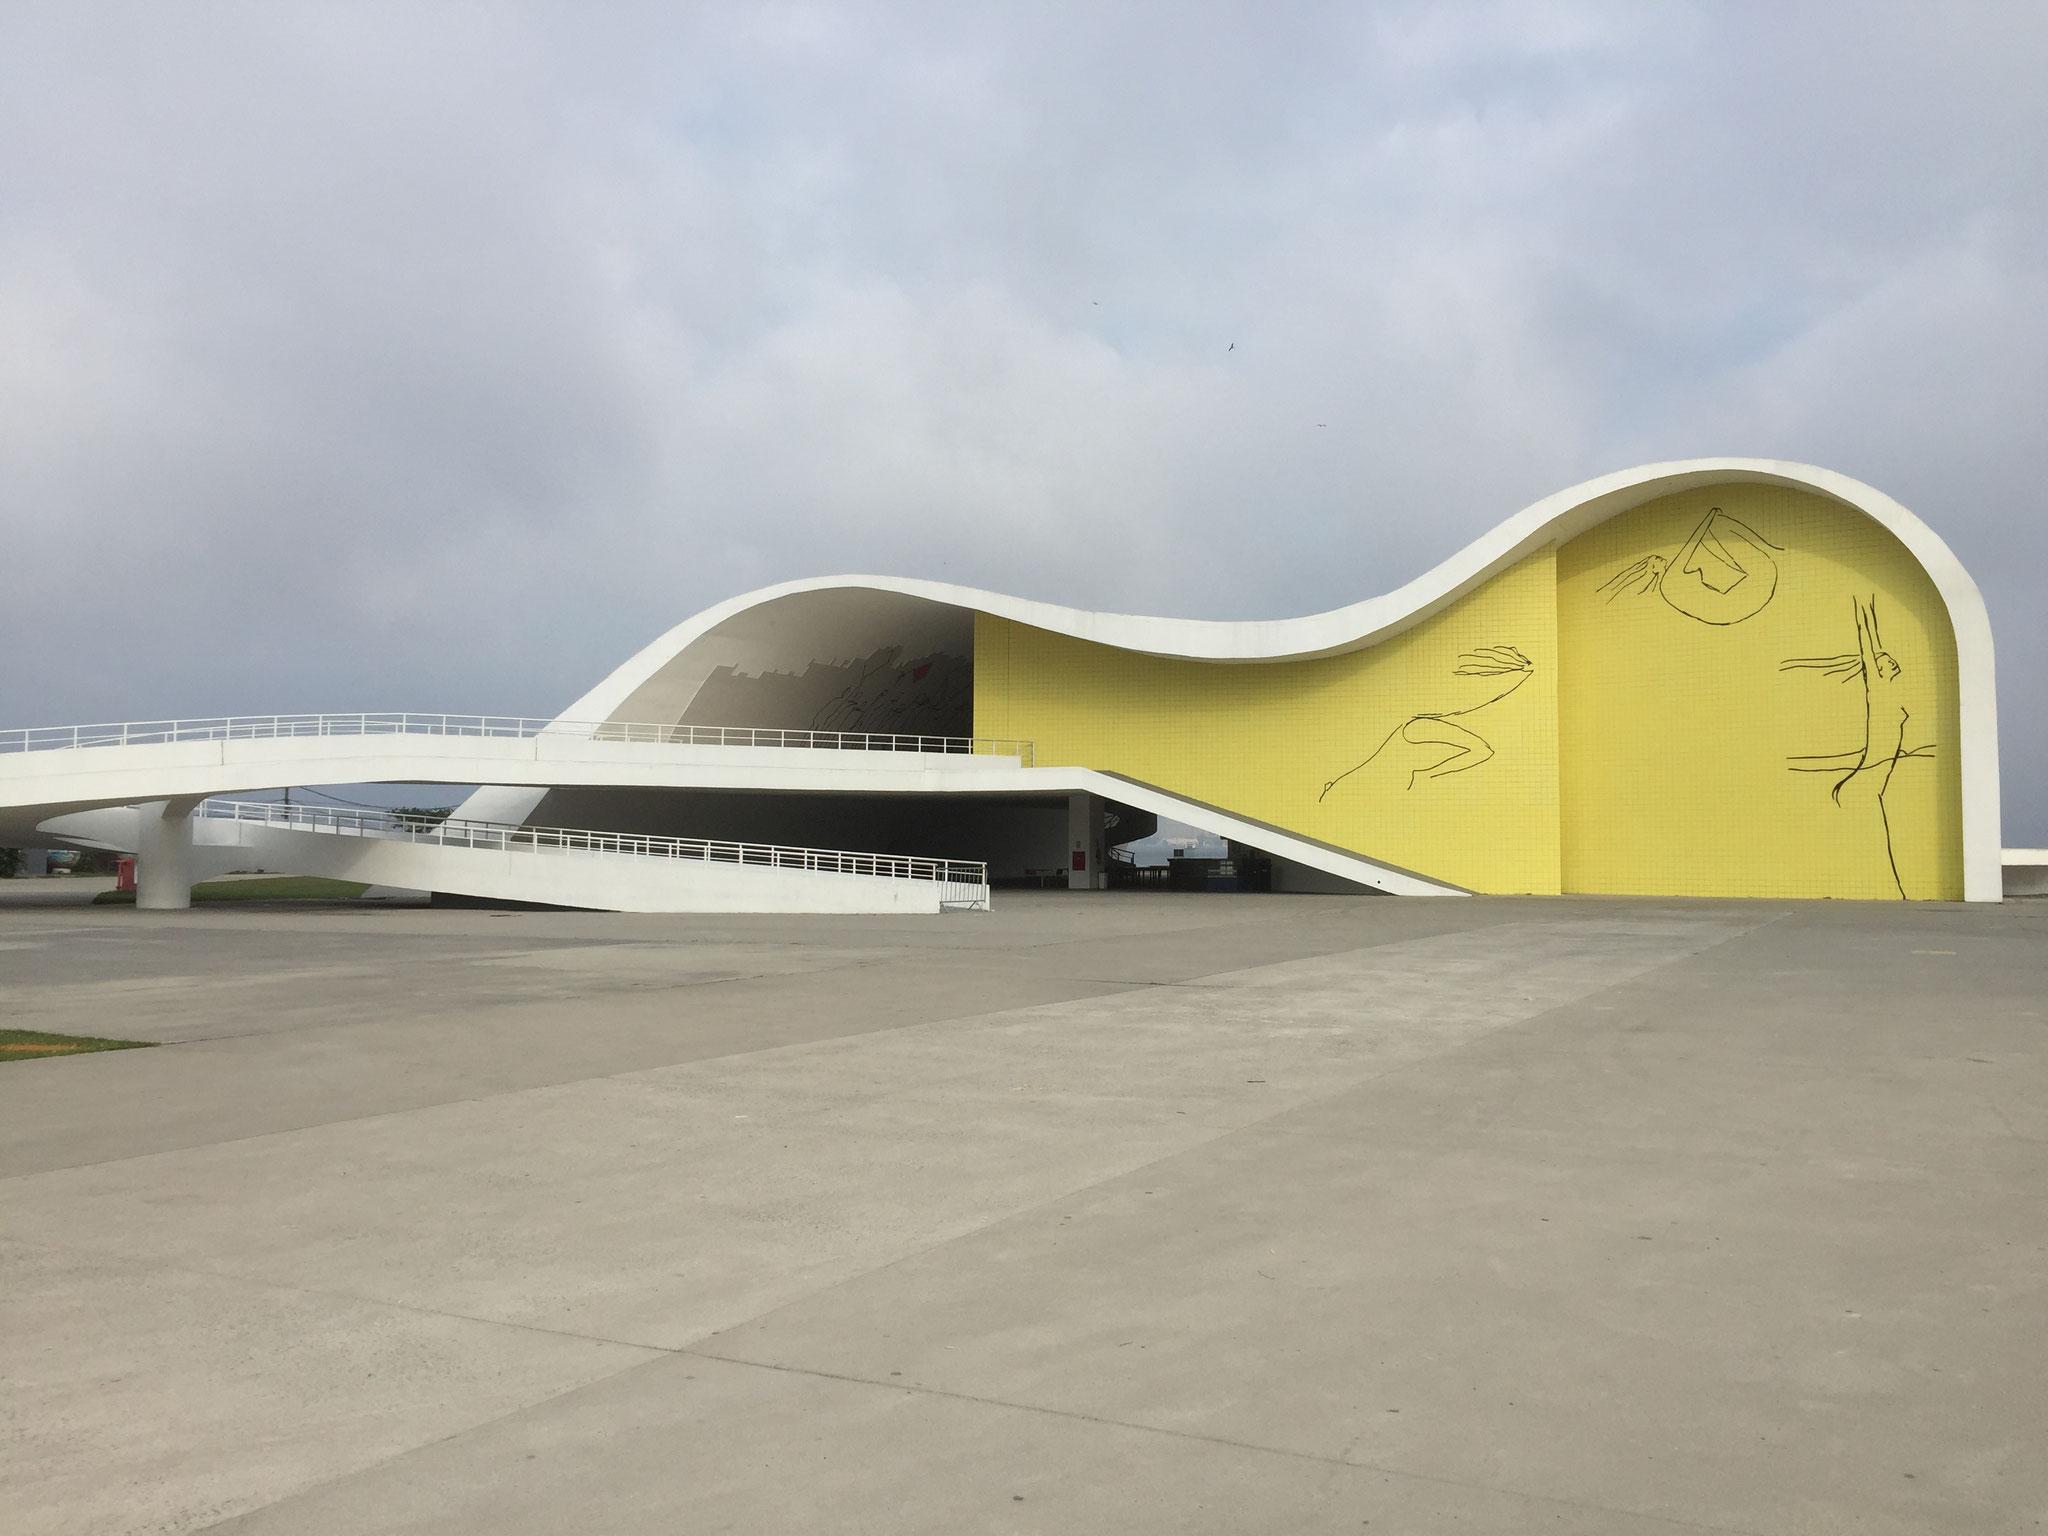 Niemeyermuseum